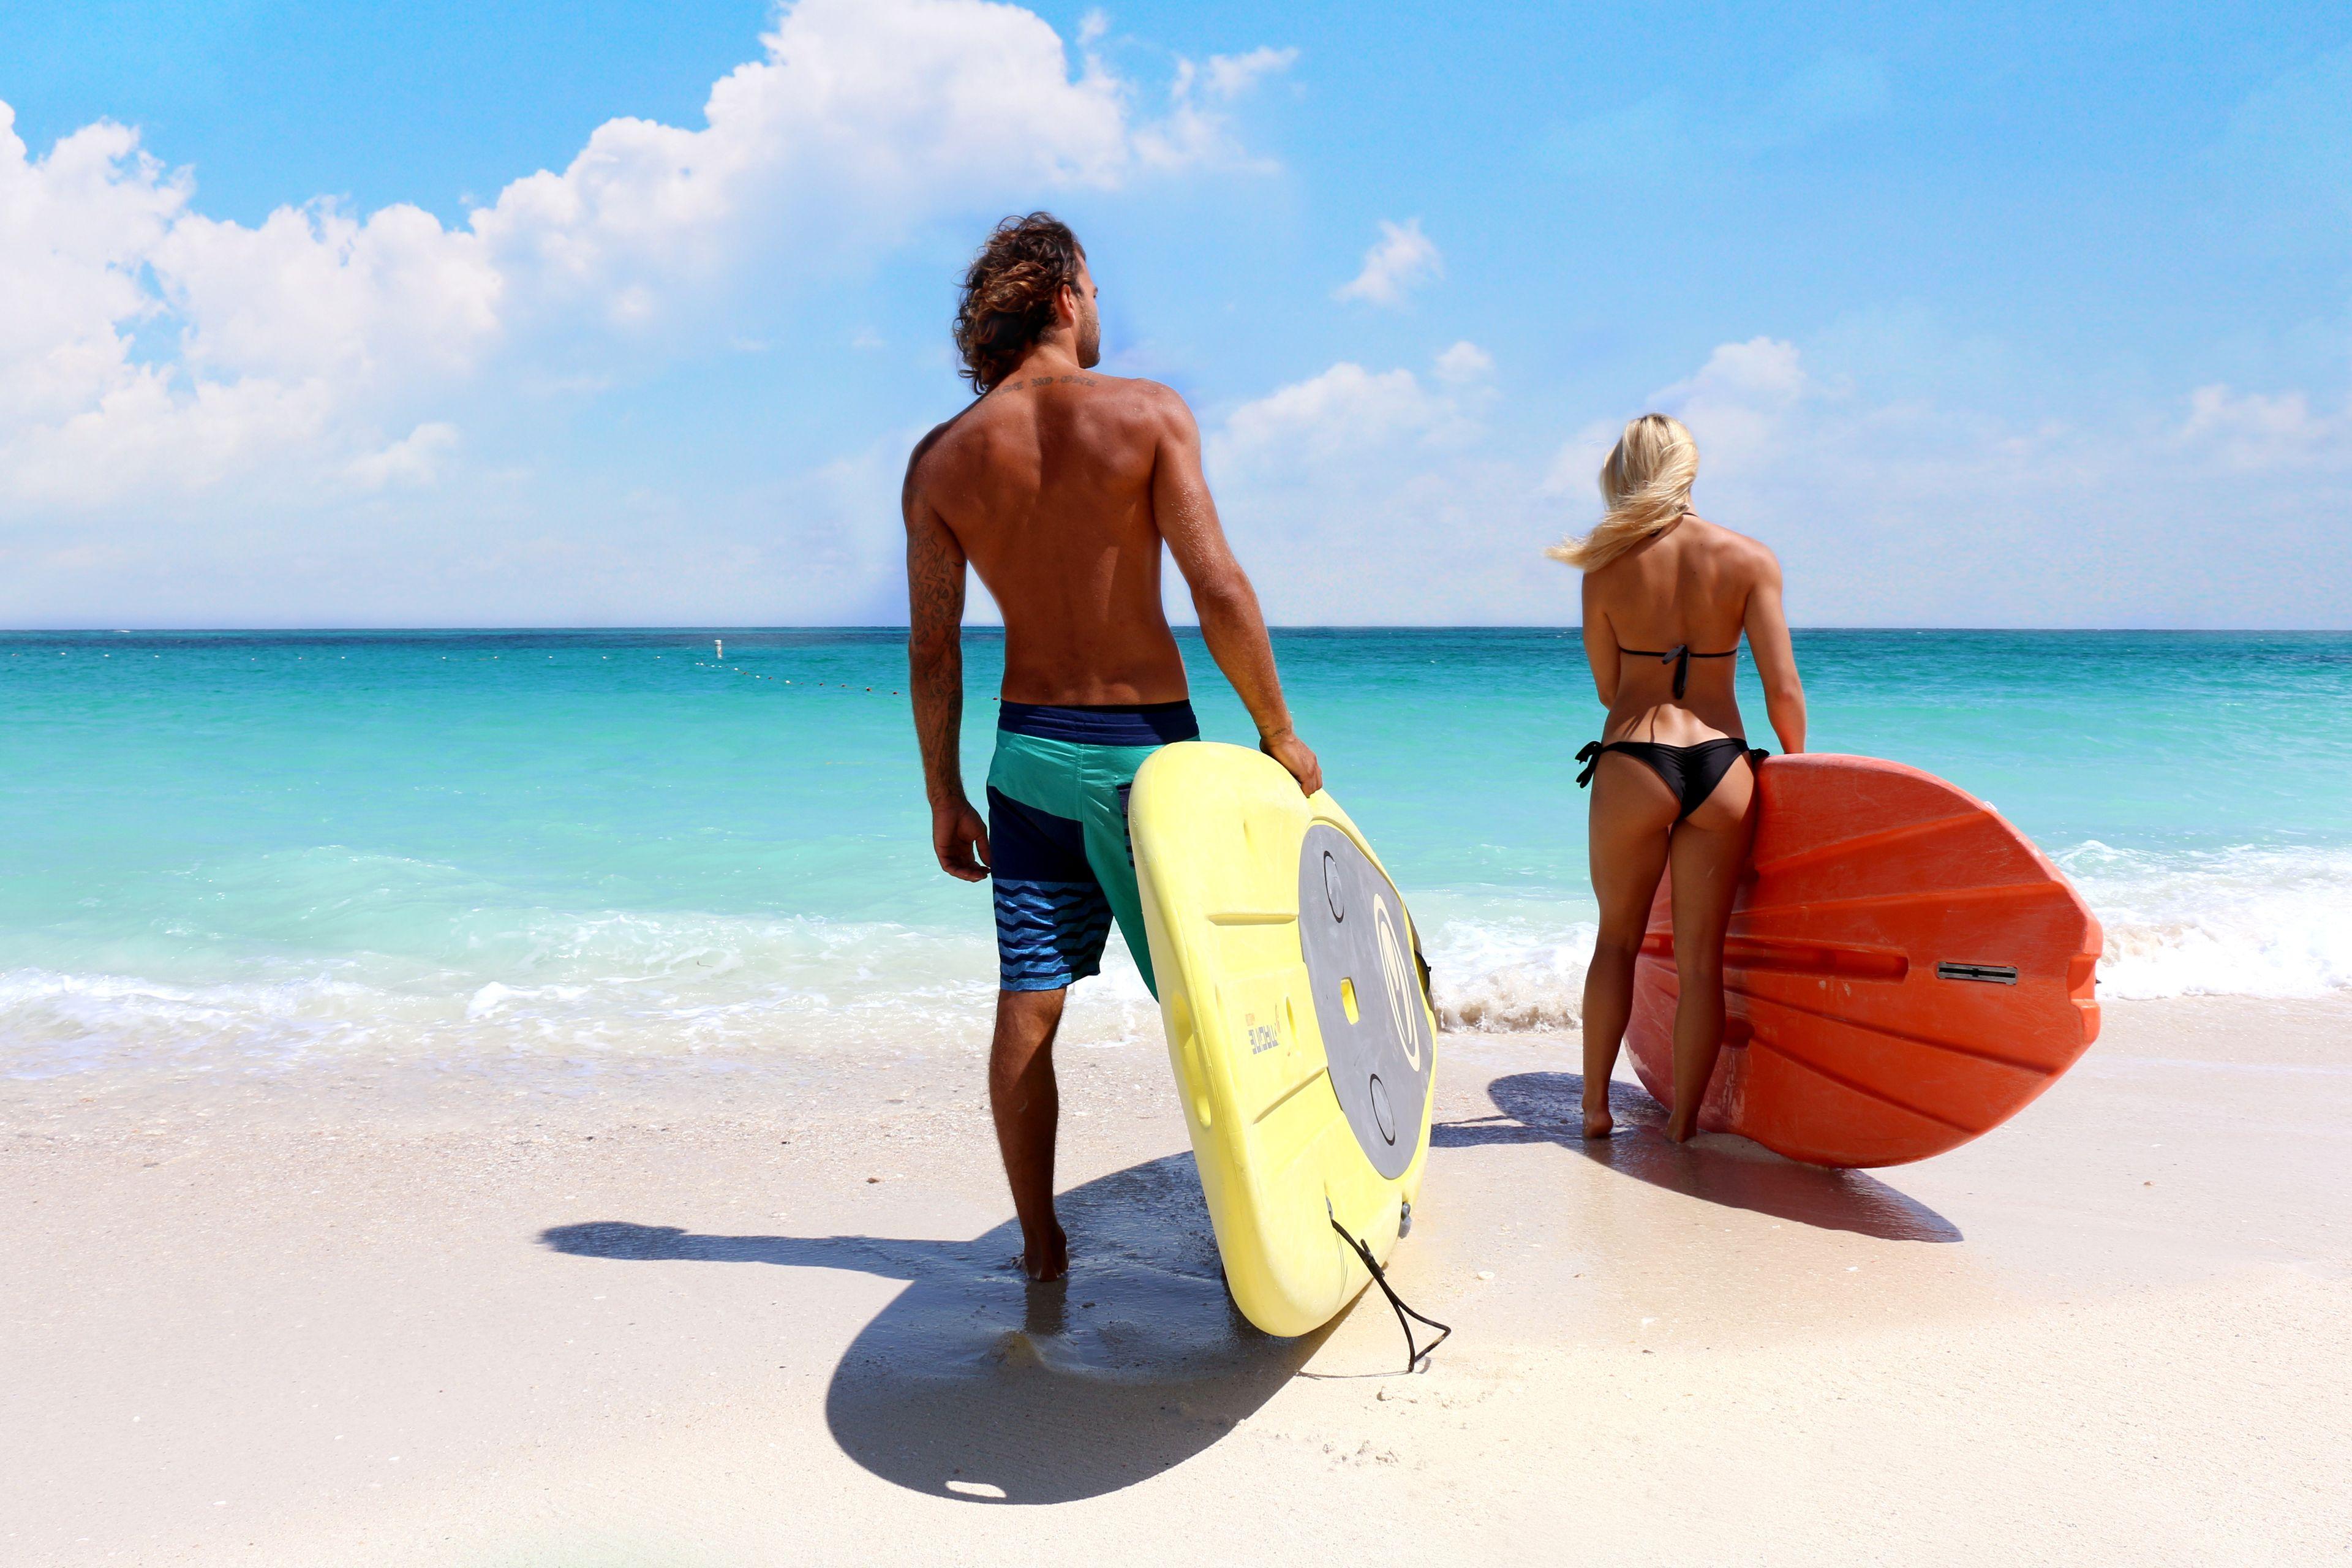 Escursione in giornata da Miami a Bimini (Bahamas) con il traghetto ad alta...